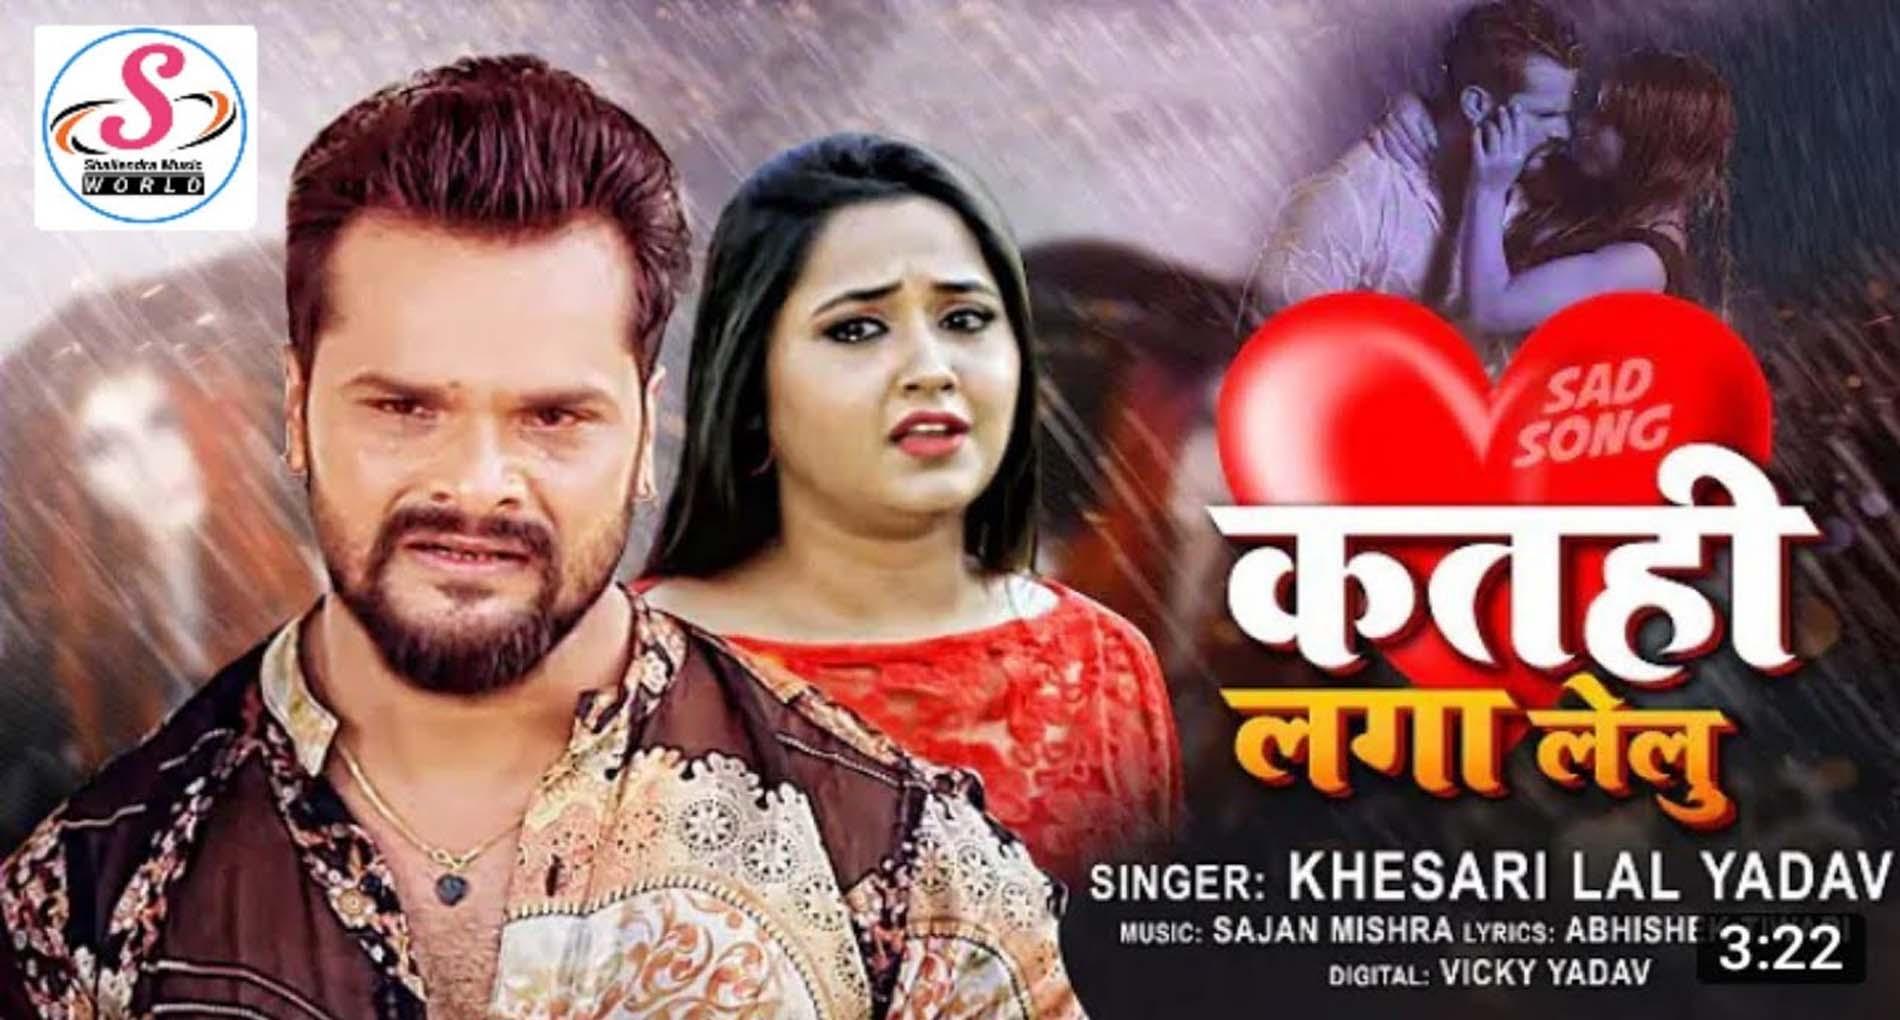 Khesari Lal Yadav Bhojpuri Song: काजल राघवानी की याद में खेसारी लाल यादव ने बहाए जमकर आंसू!